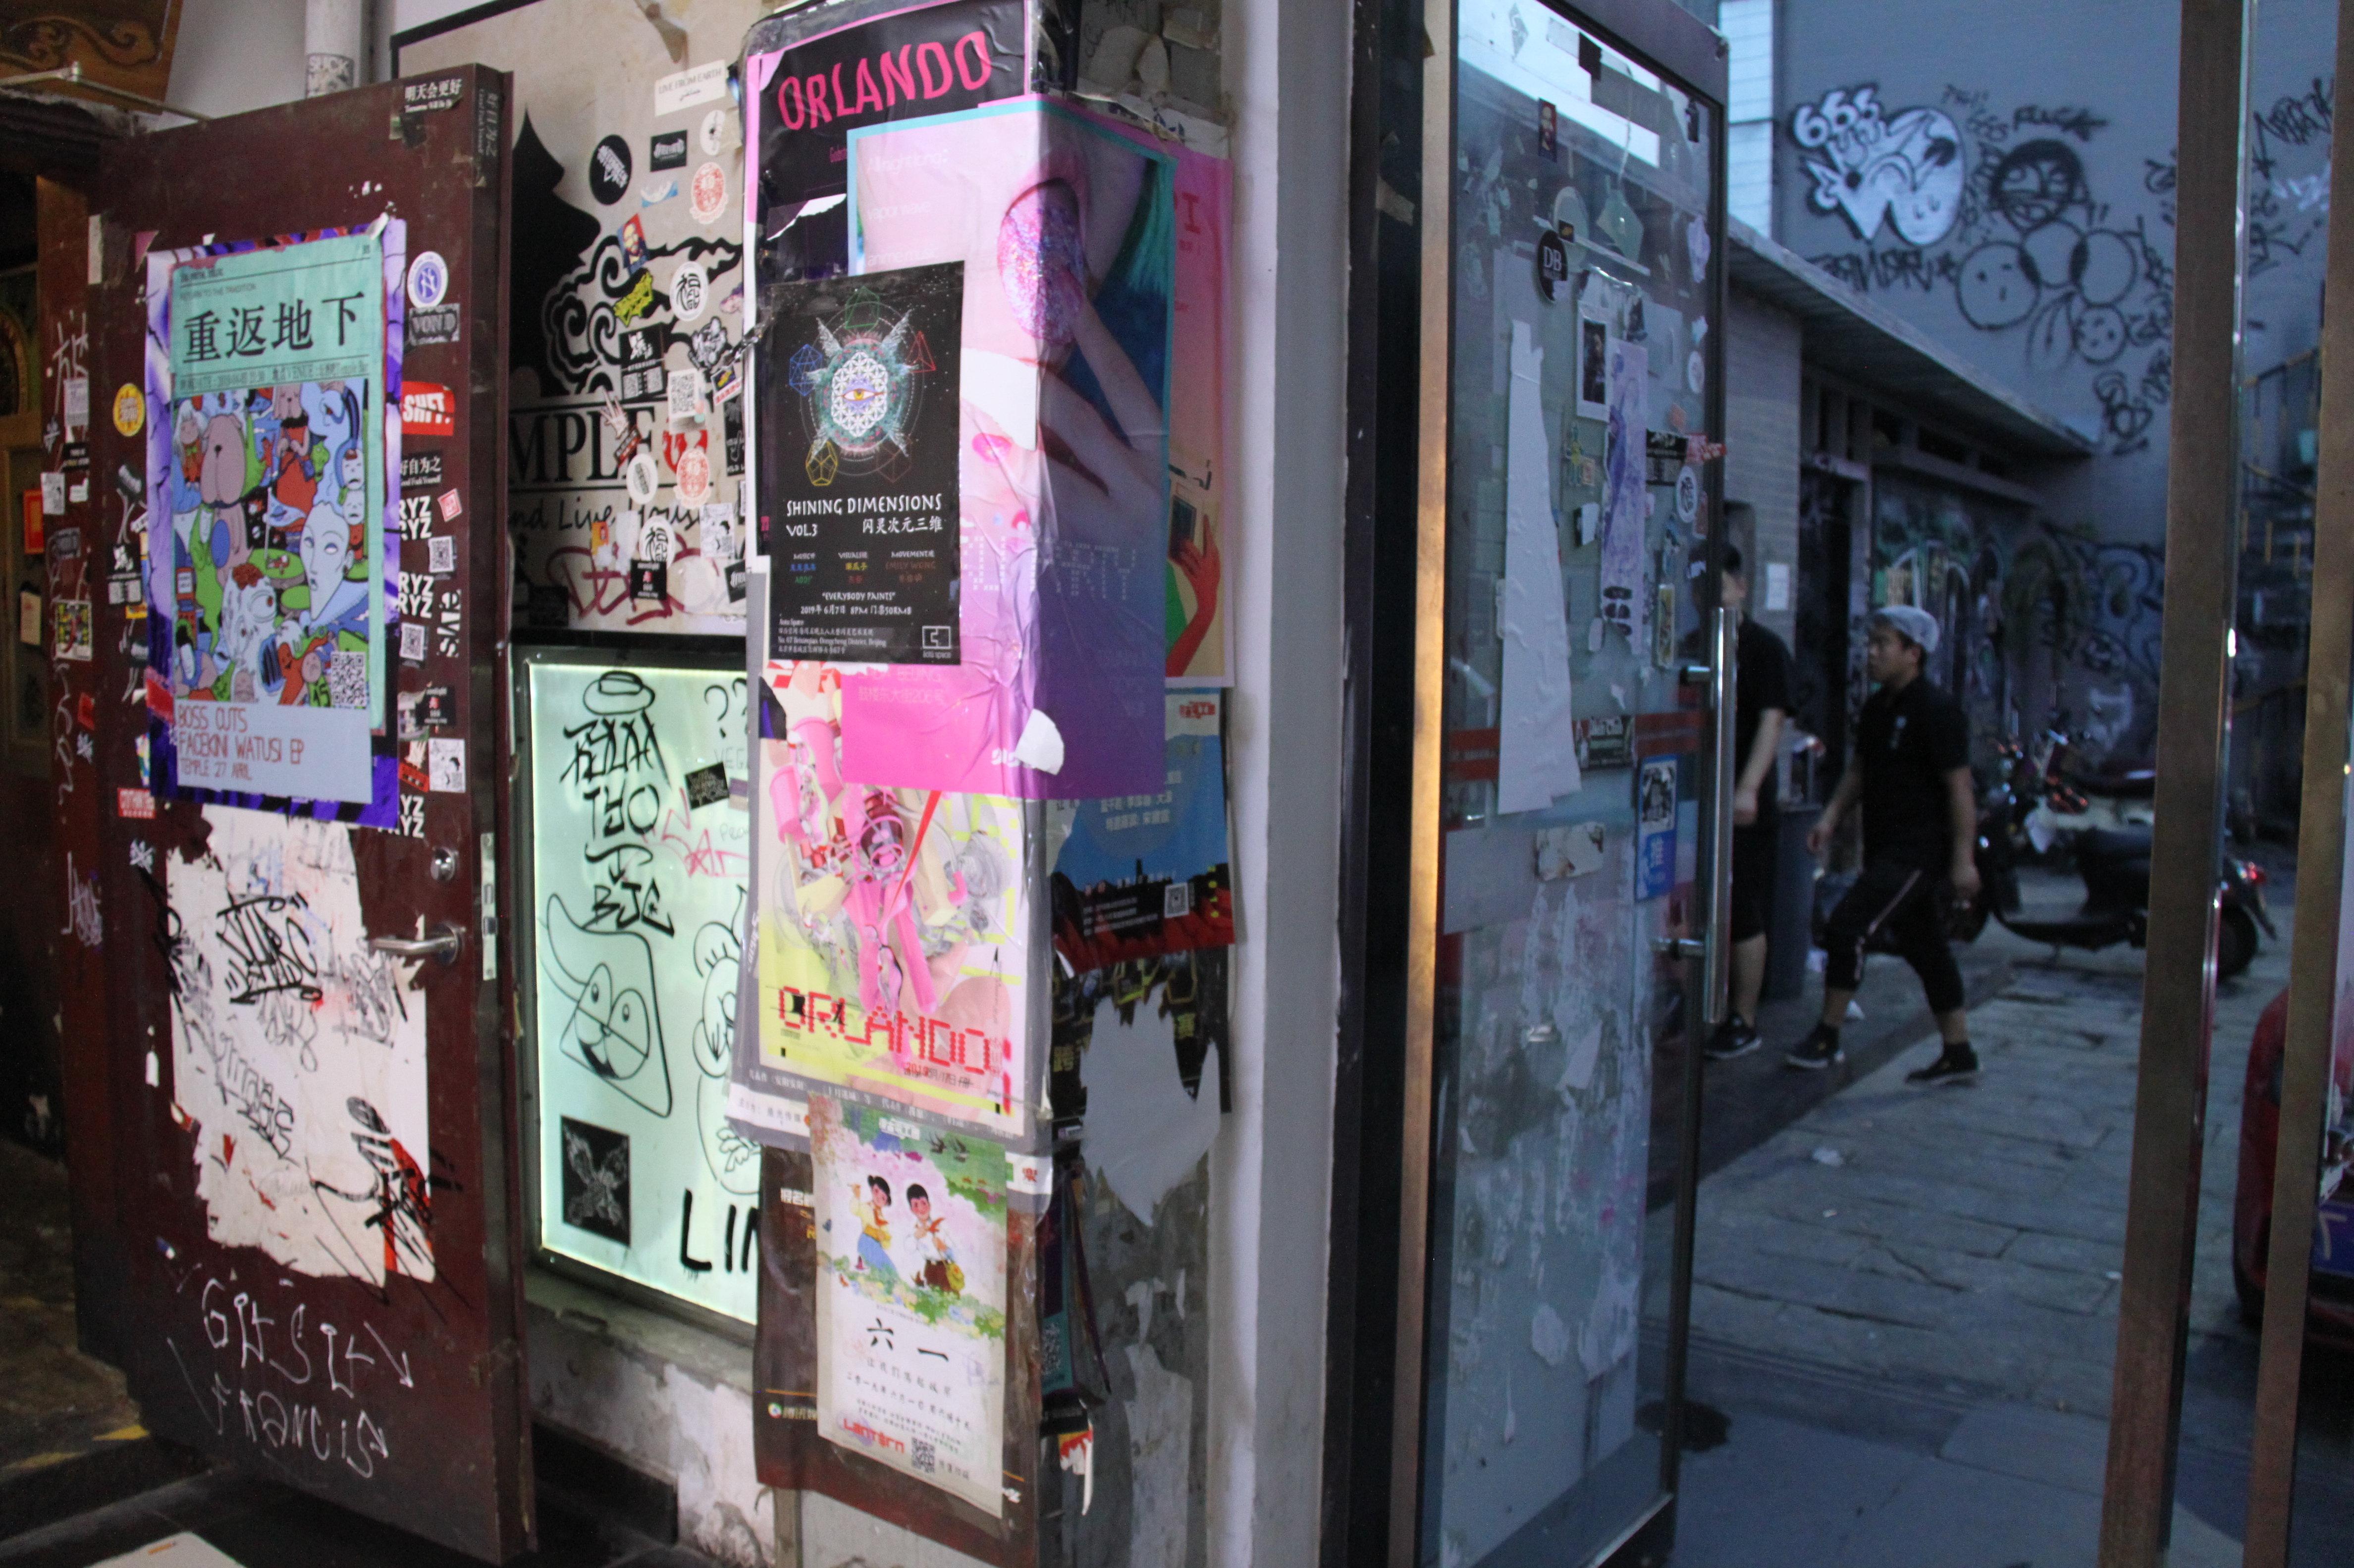 在北京纹身小圈子中,小舞台上音乐会、周围墙体各种绘画是相当流行的事情。这种音乐会,更多吸引的是大学生和高年级中学生。